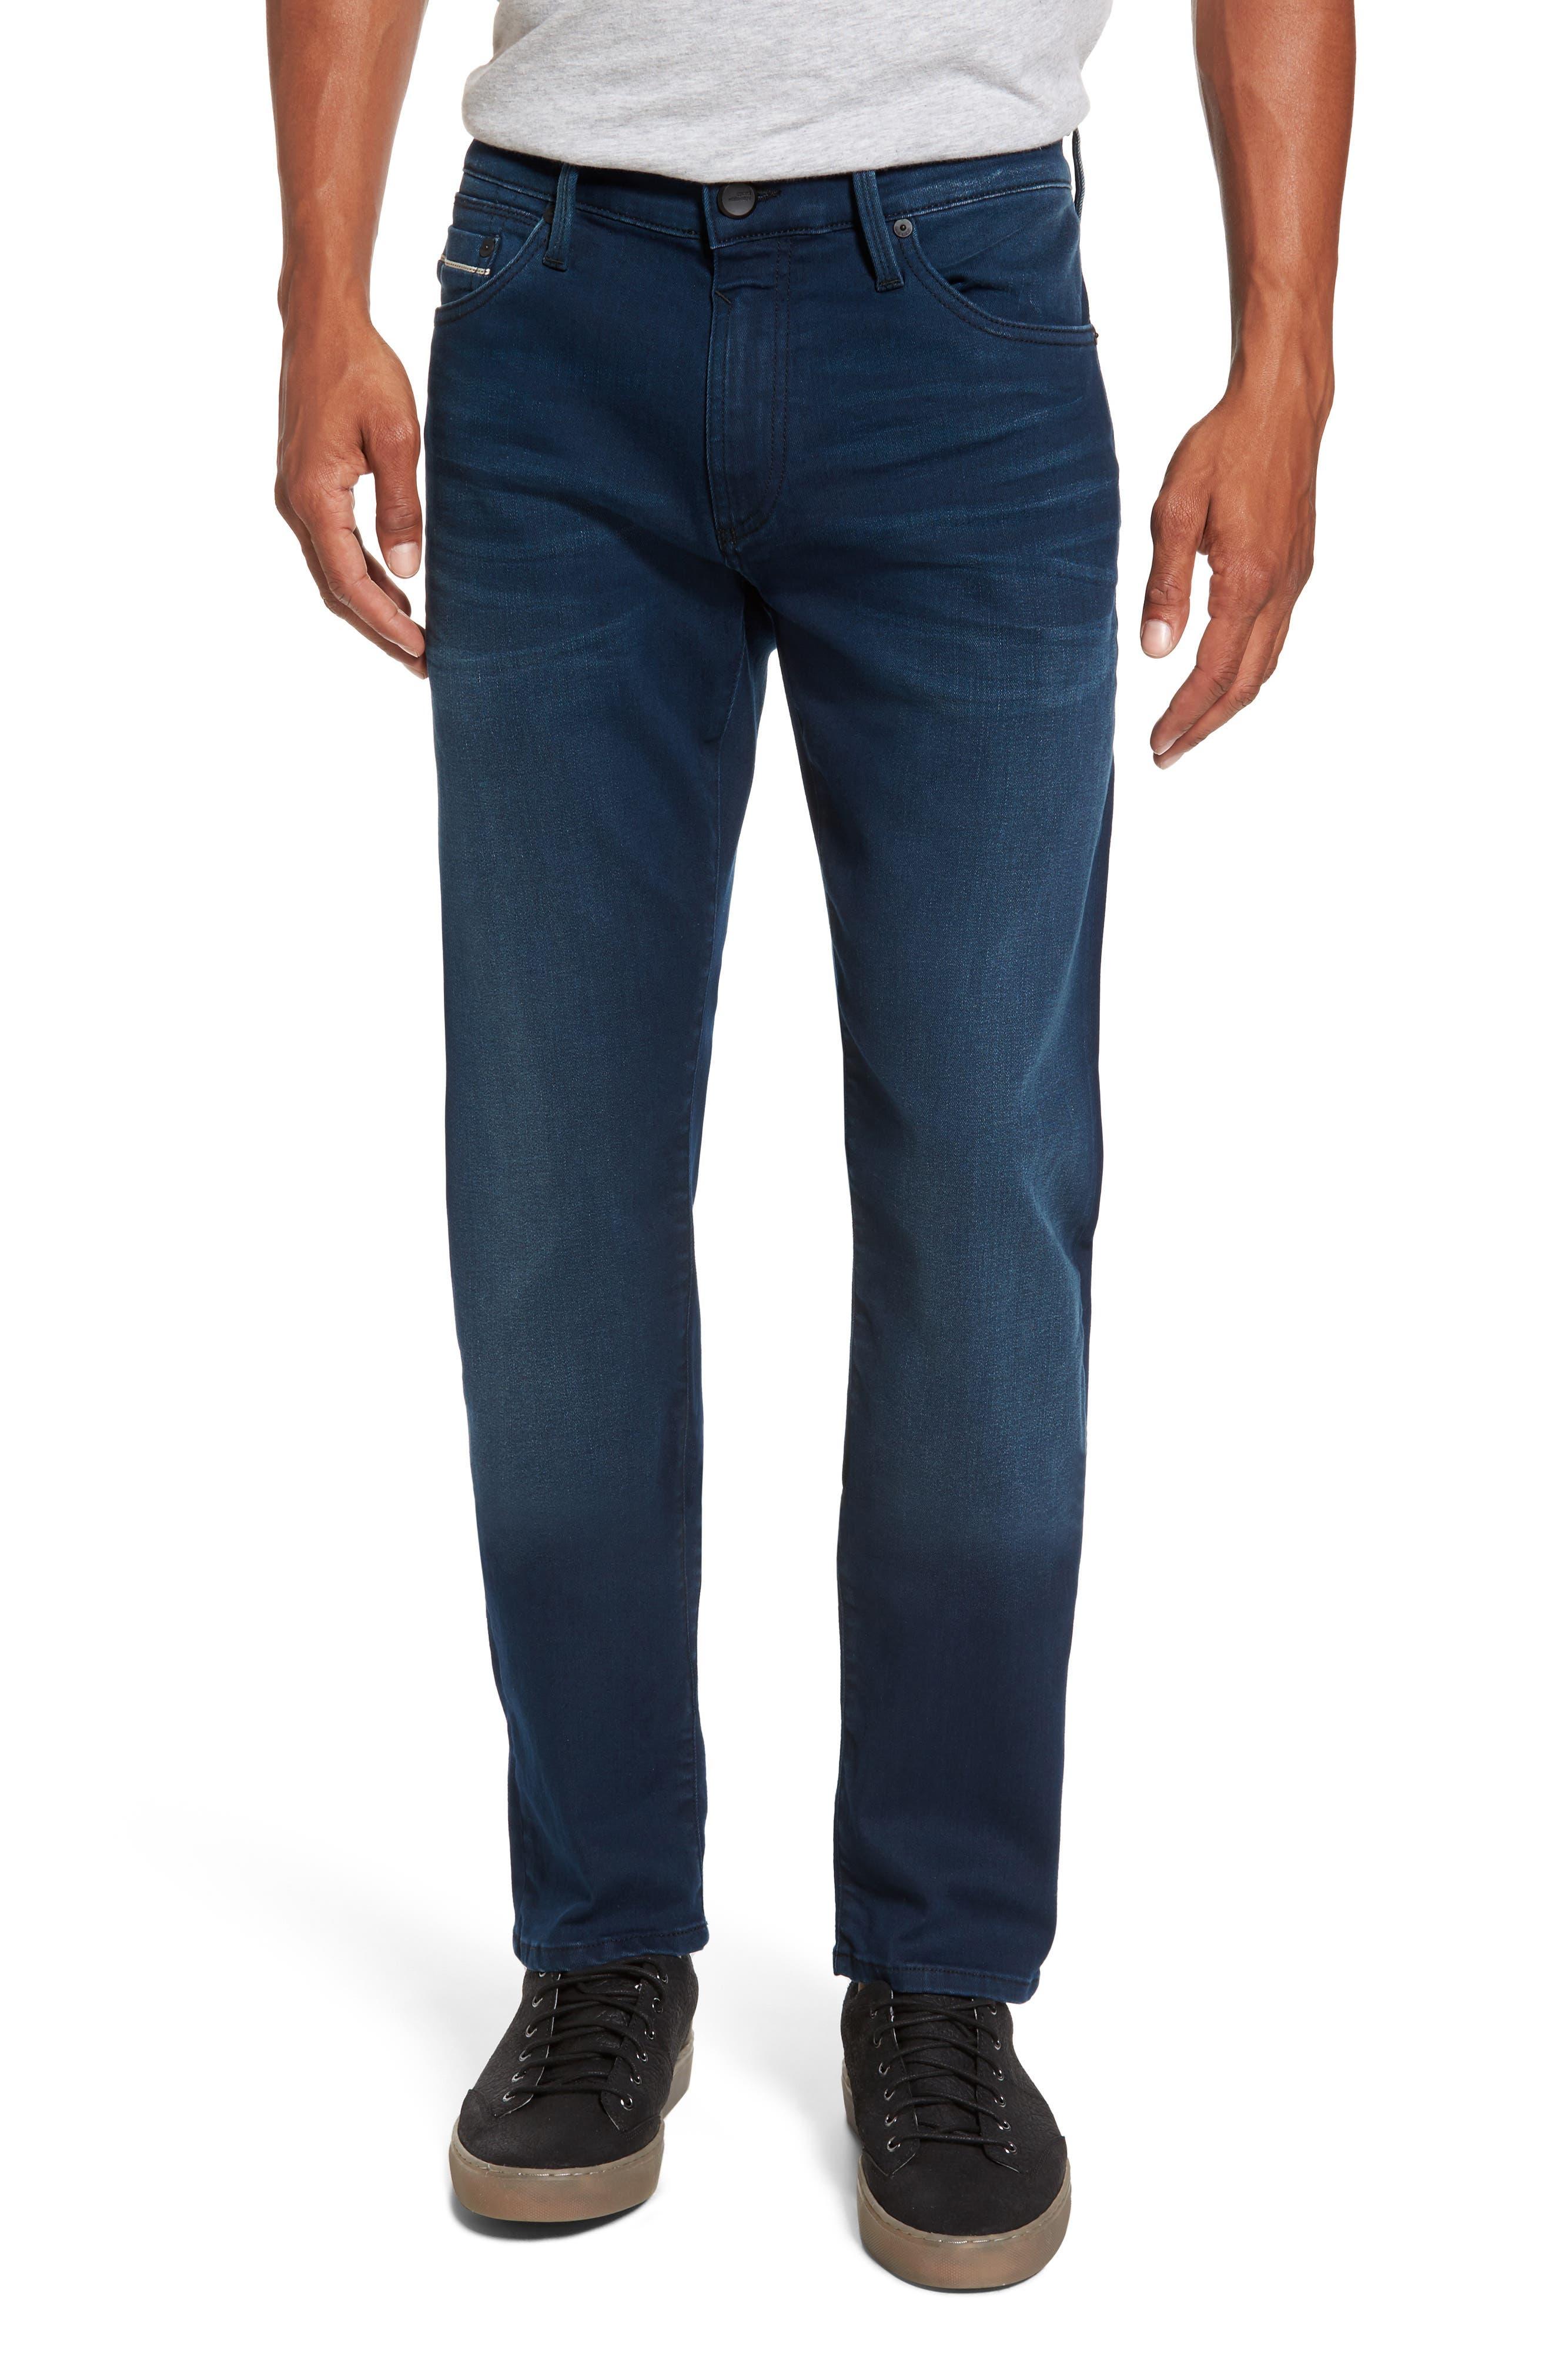 Jake Slim Fit Jeans,                         Main,                         color, Ink Brushed Williamsburg